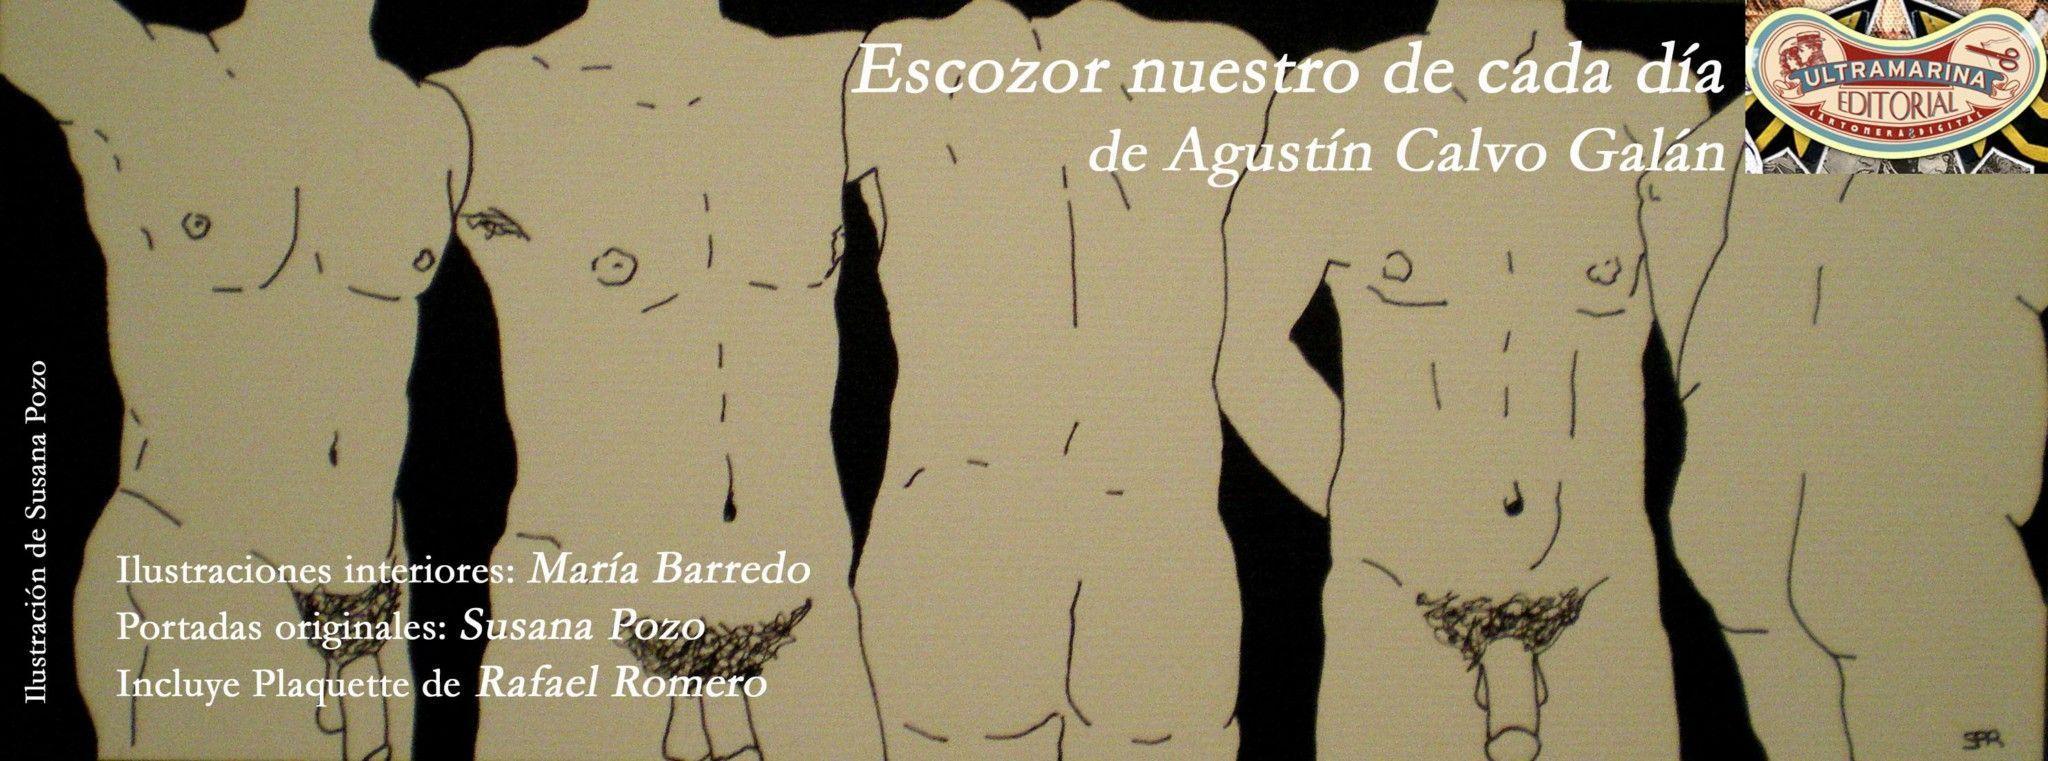 Agustín Calvo Galán, poeta visual